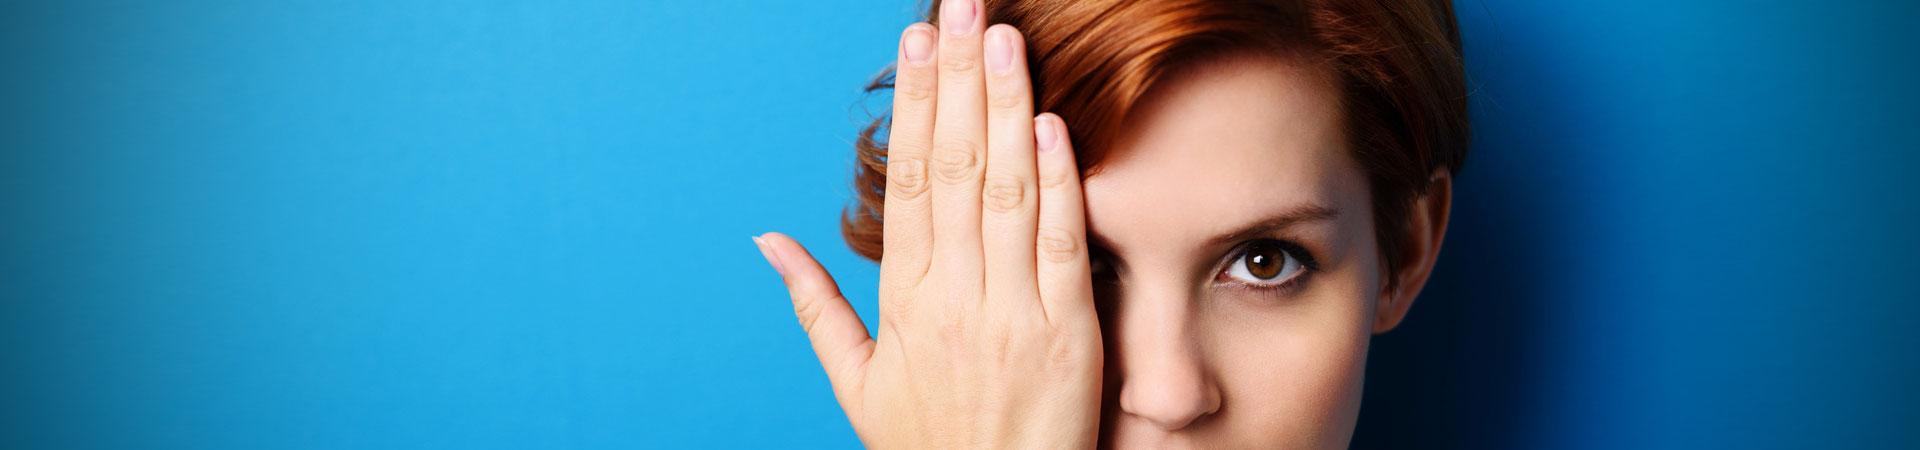 Kontaktlinsen für trockene Augen